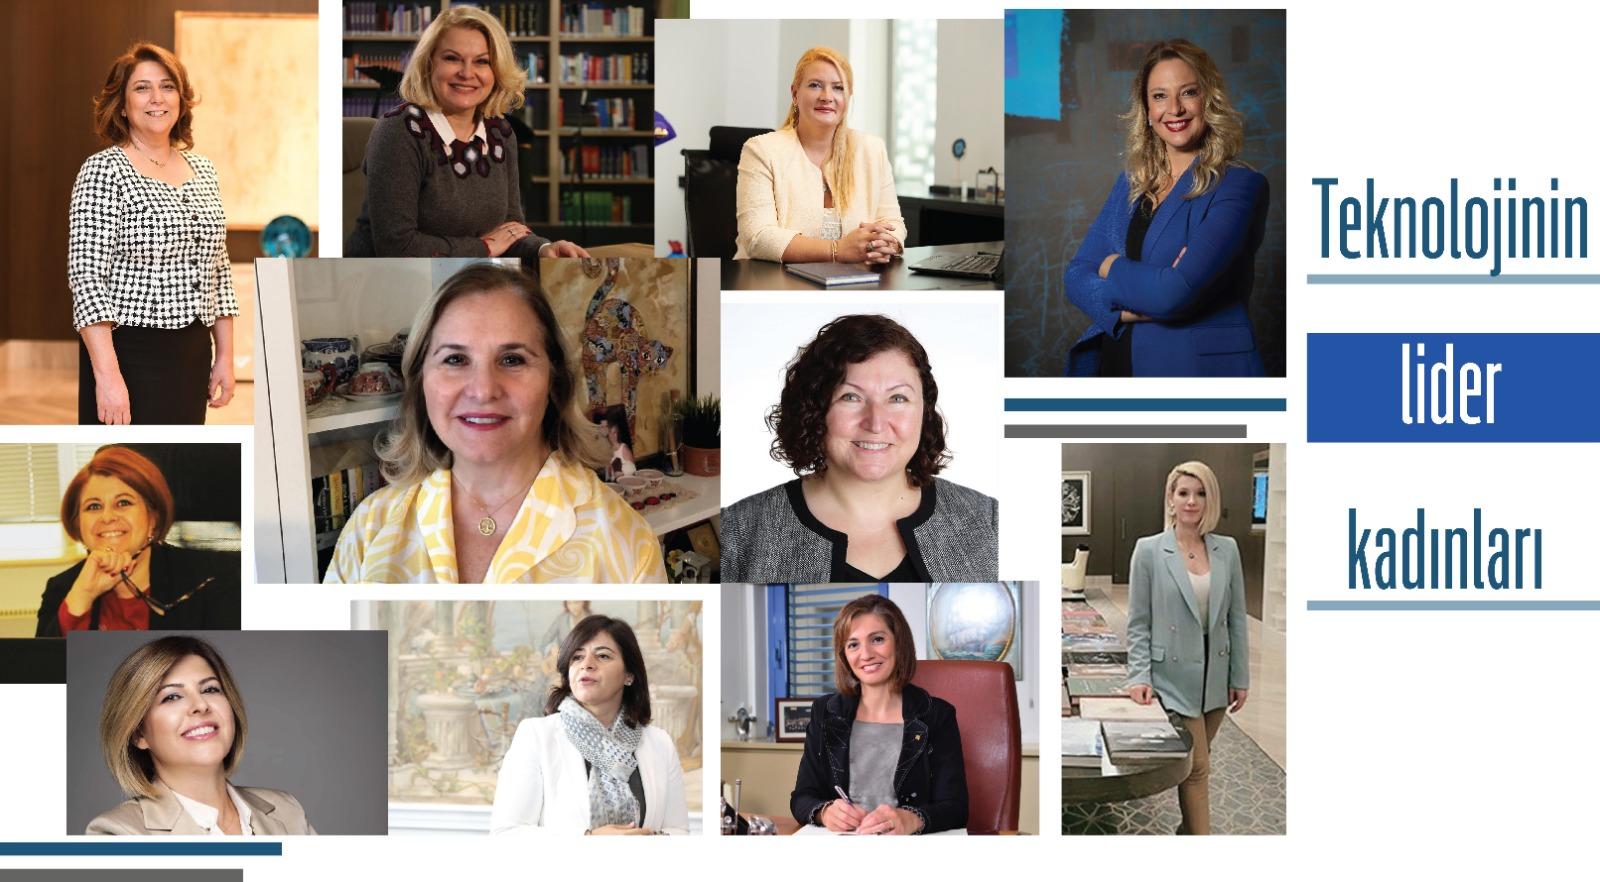 teknolojinin lider kadınları